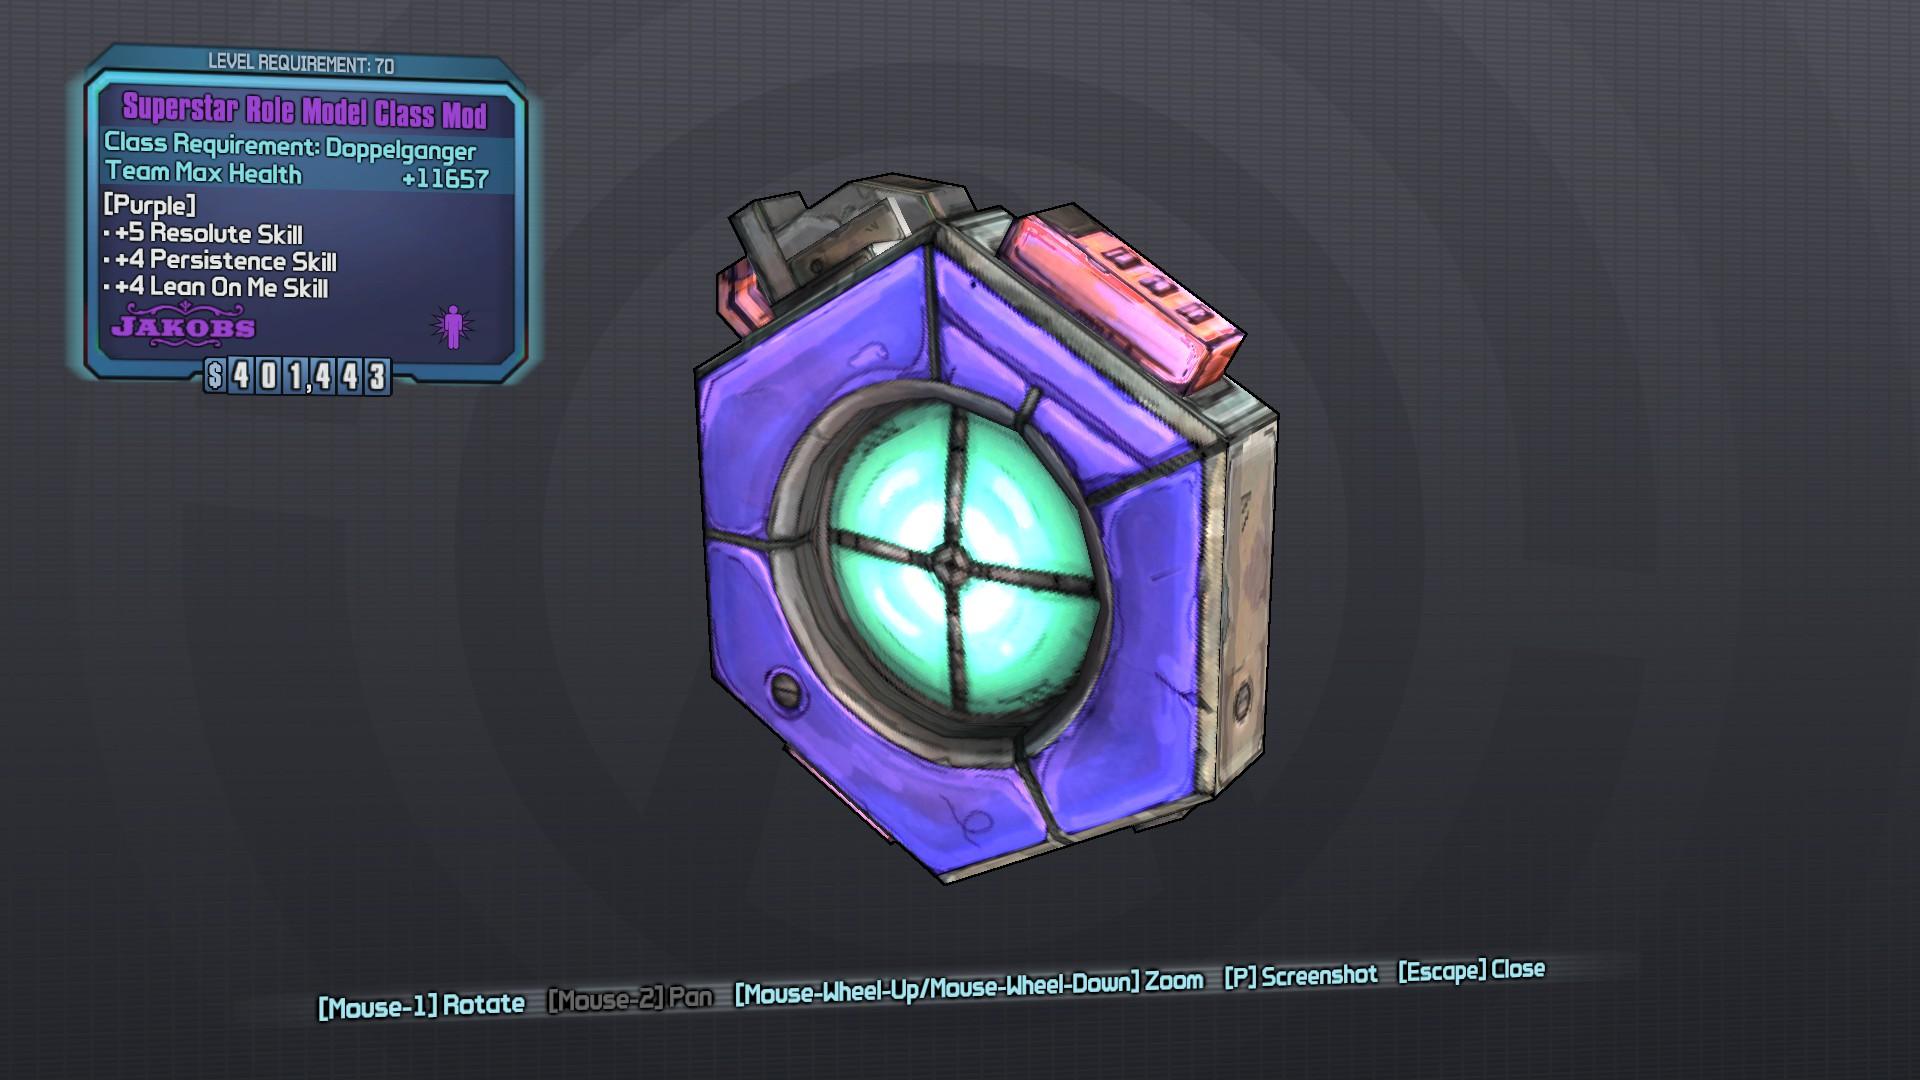 Role Model (class mod)